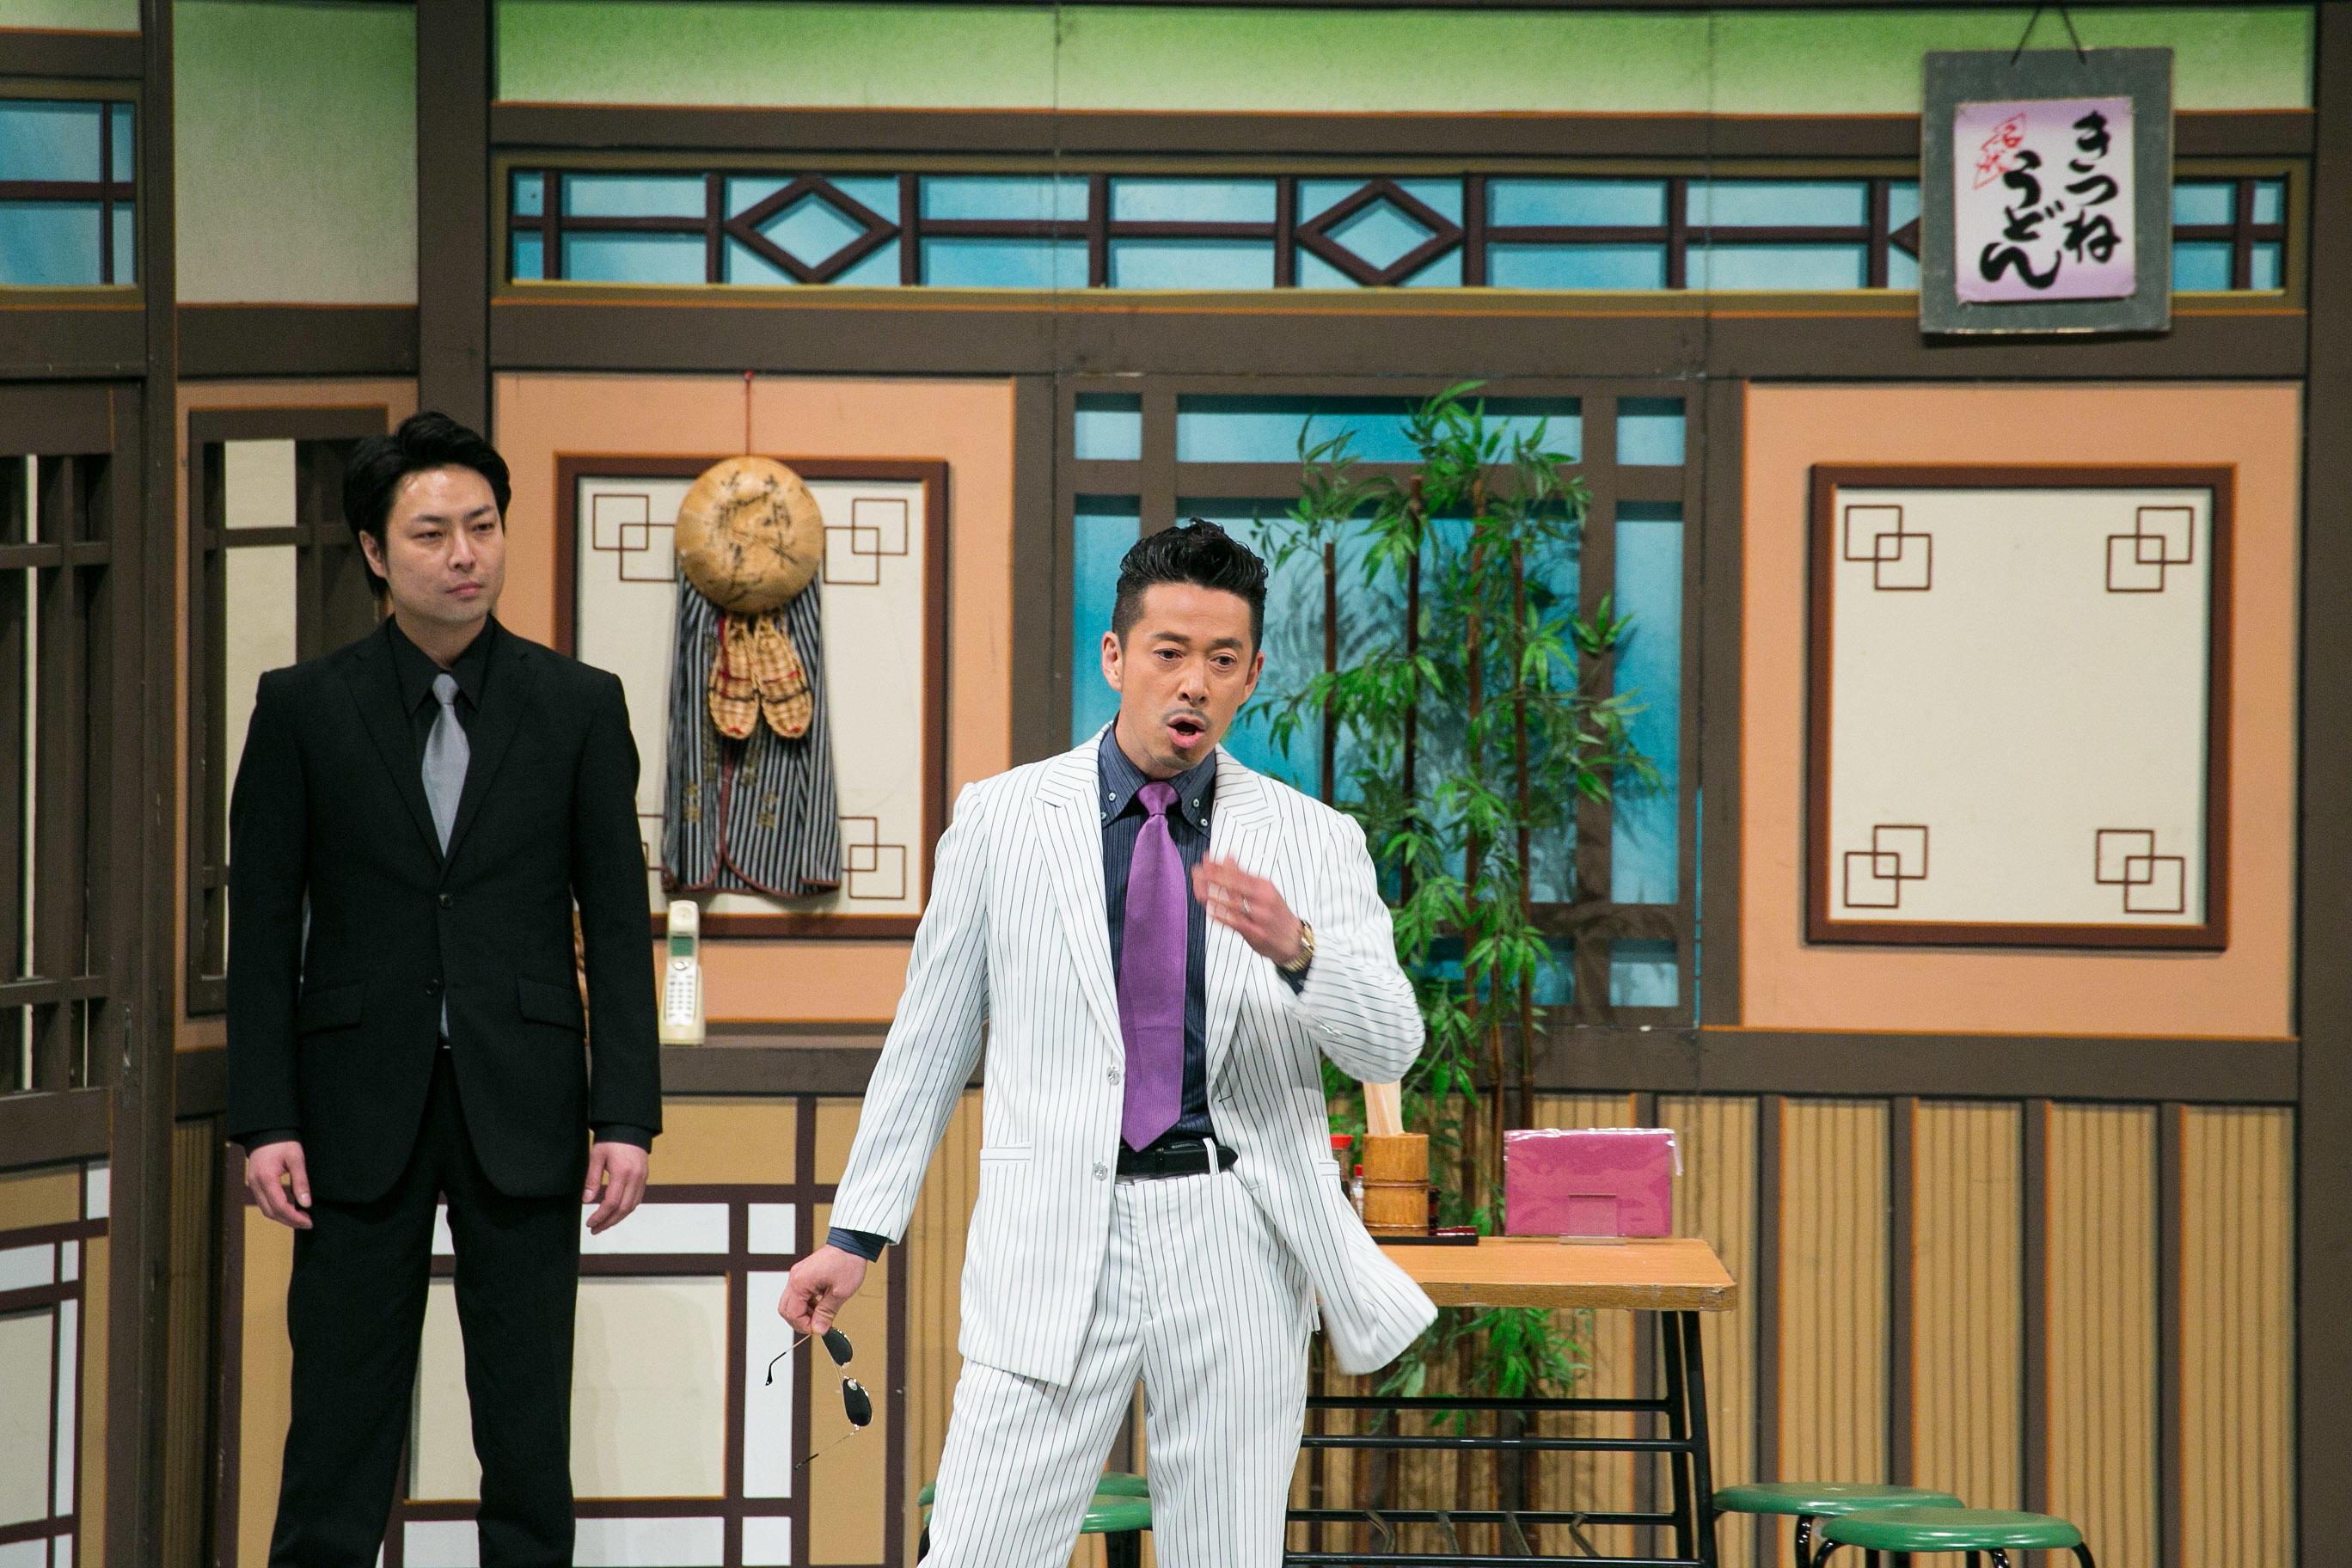 http://news.yoshimoto.co.jp/20180407101817-ad571f336360bd62f516dce9fab8b202c050c544.jpg